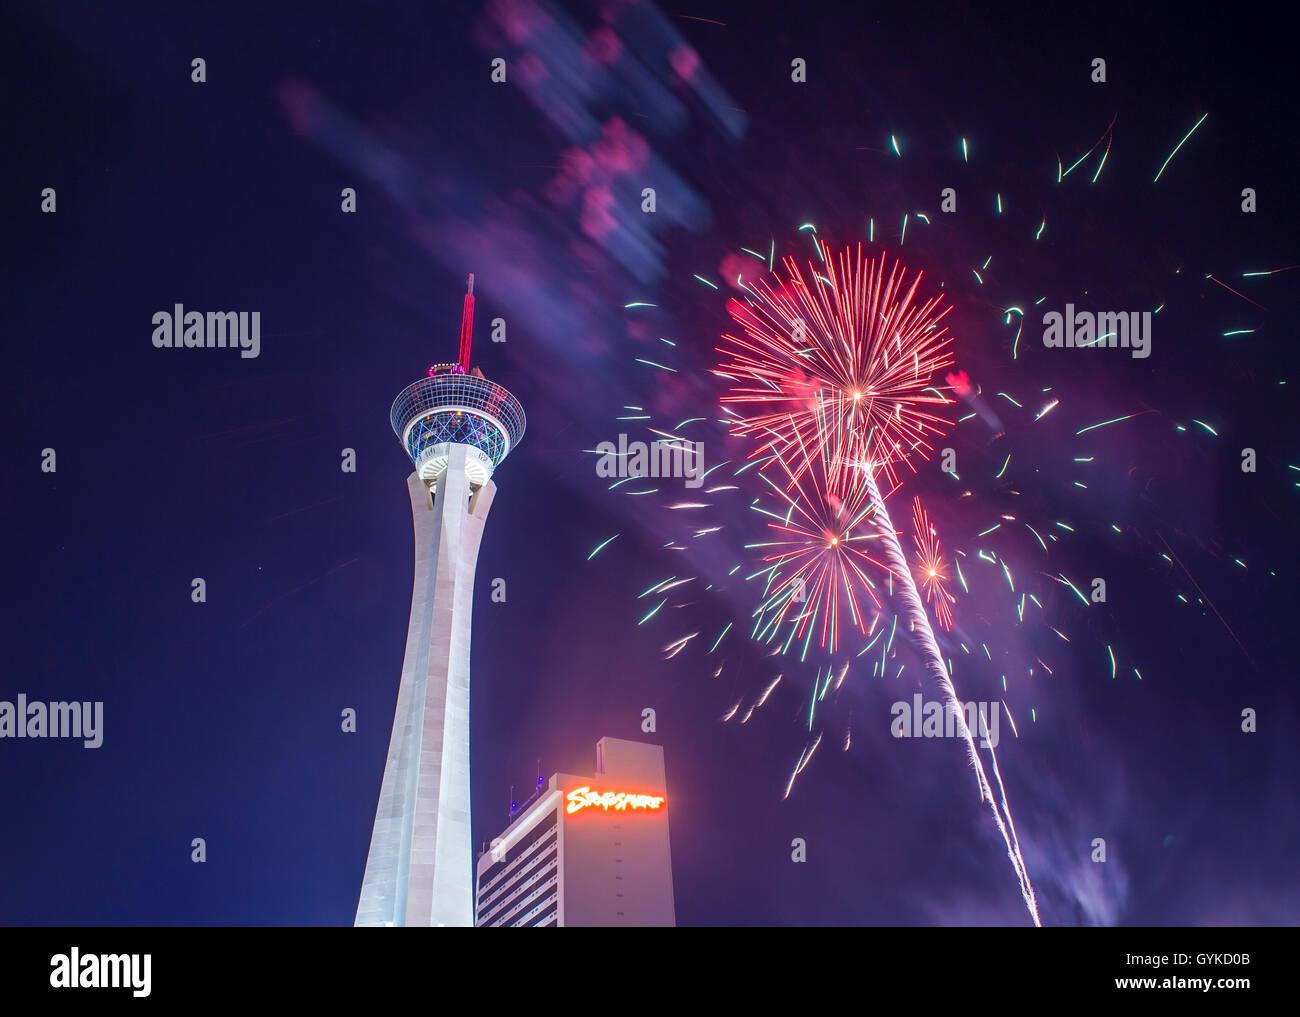 La stratosphère tower d'artifice dans le cadre de la célébration du 4 juillet à Las Vegas Banque D'Images